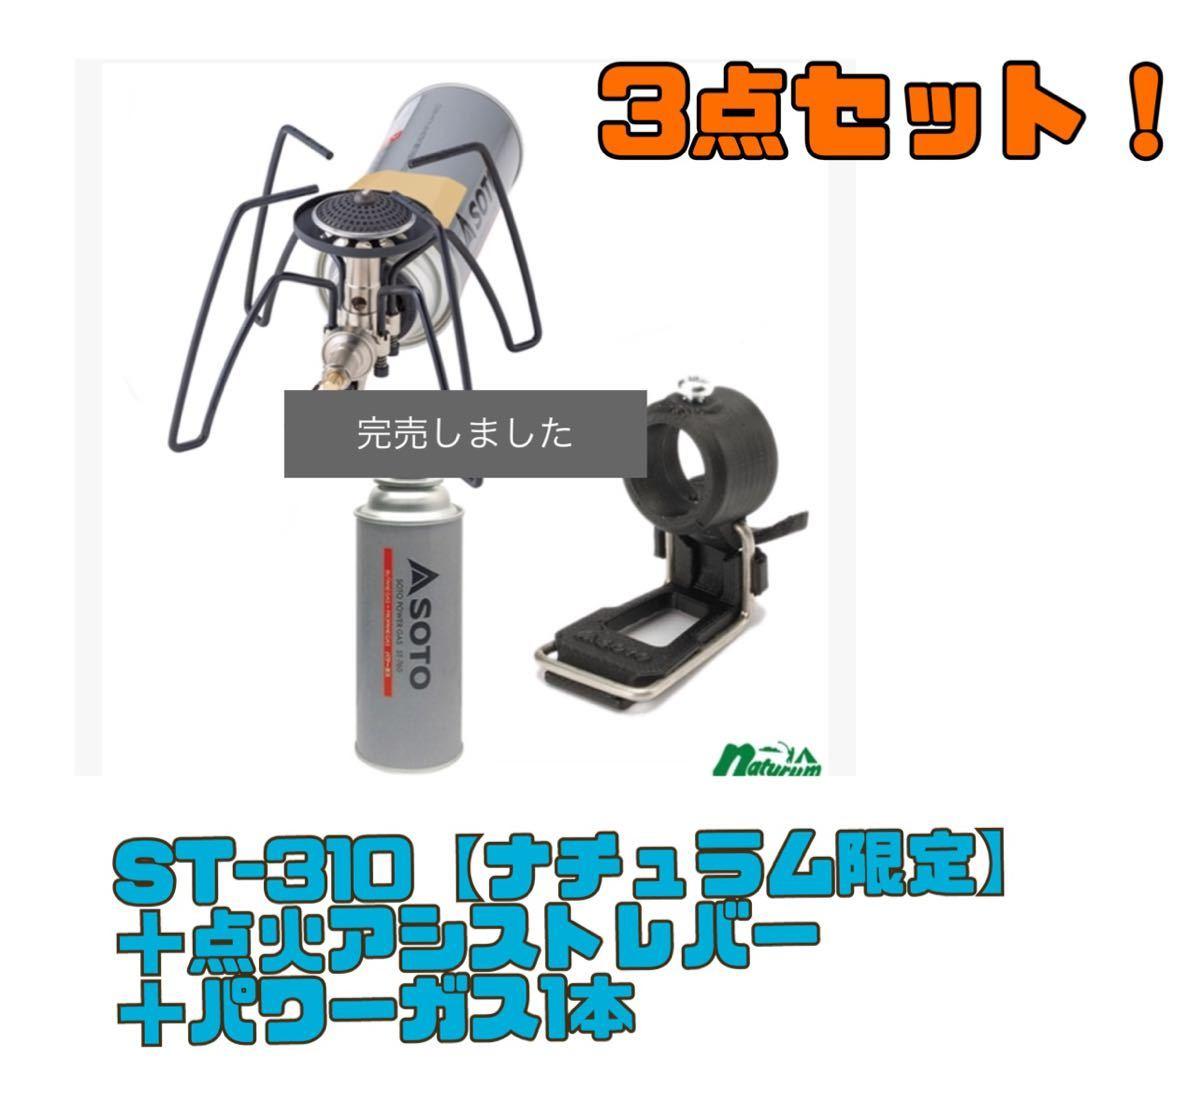 【3点セット 新品未使用】レギュレーターストーブ 点火アシストレバー パワーガス【ナチュラム別注カラー】 ST-310 SOTO